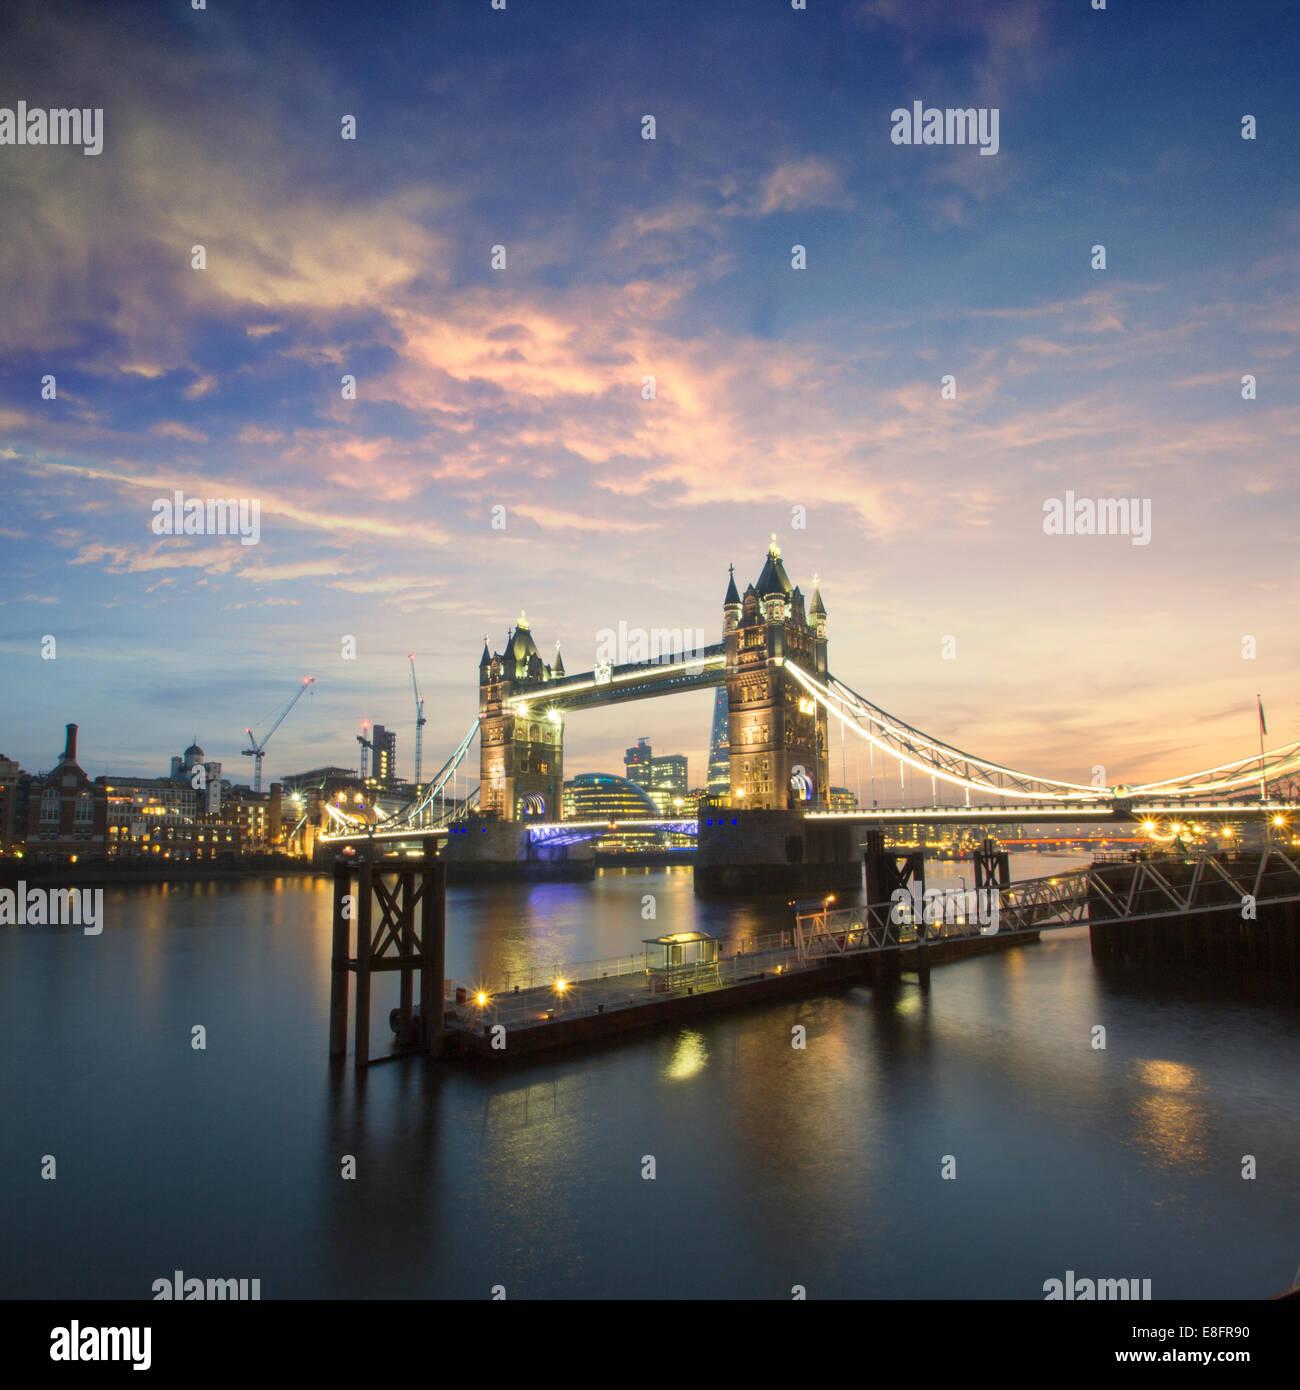 Vereinigtes Königreich, London, Tower Bridge bei Nacht Stockbild